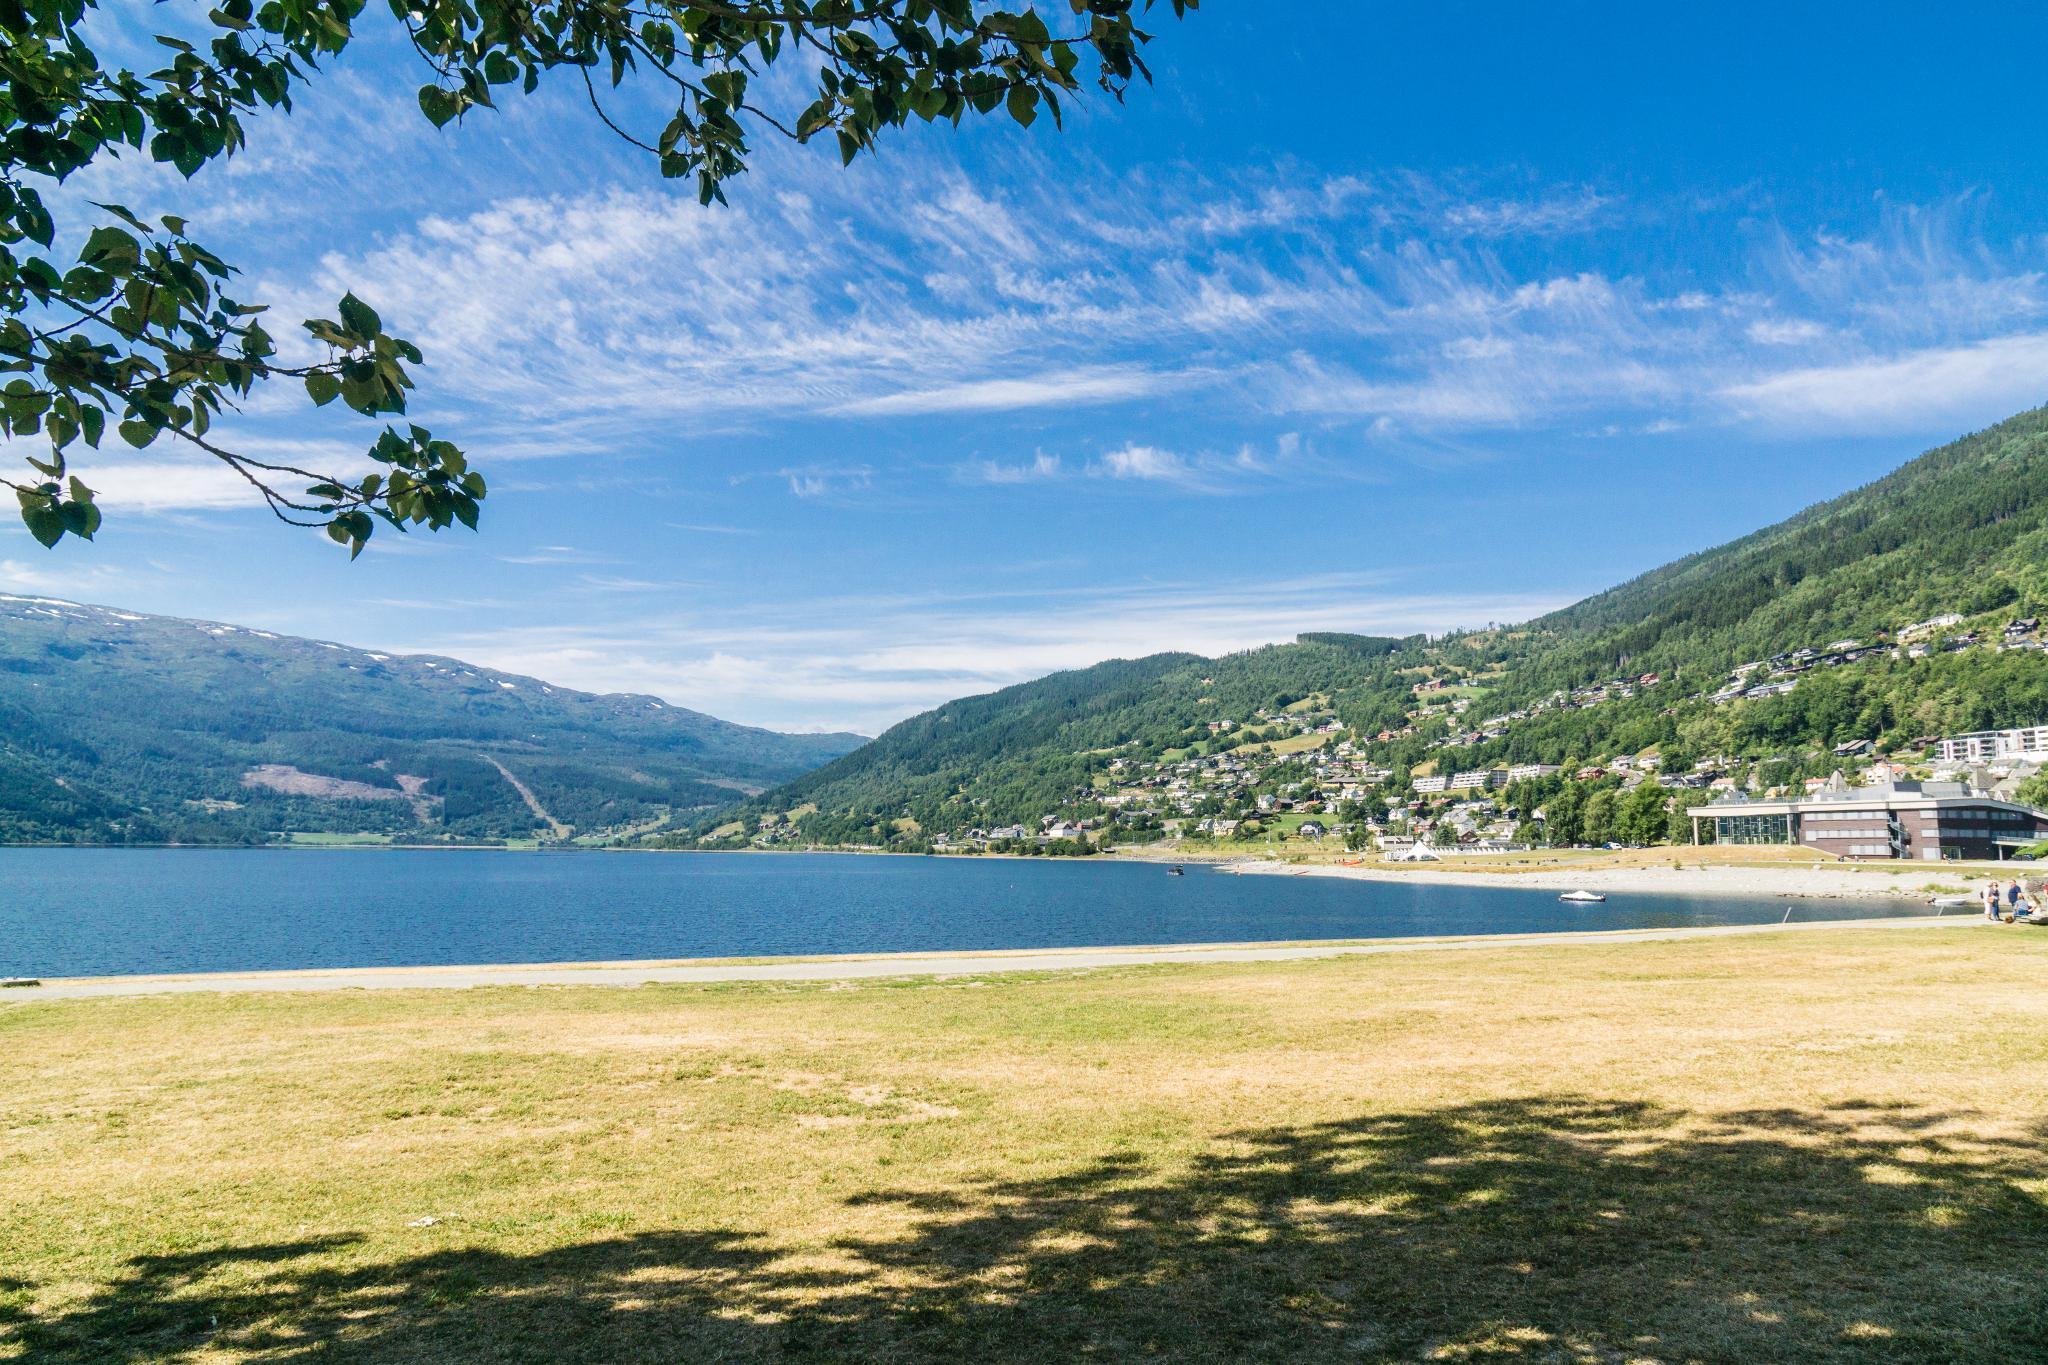 【北歐景點】挪威VOSS小鎮 — 探訪世界最純淨泉水產地 10